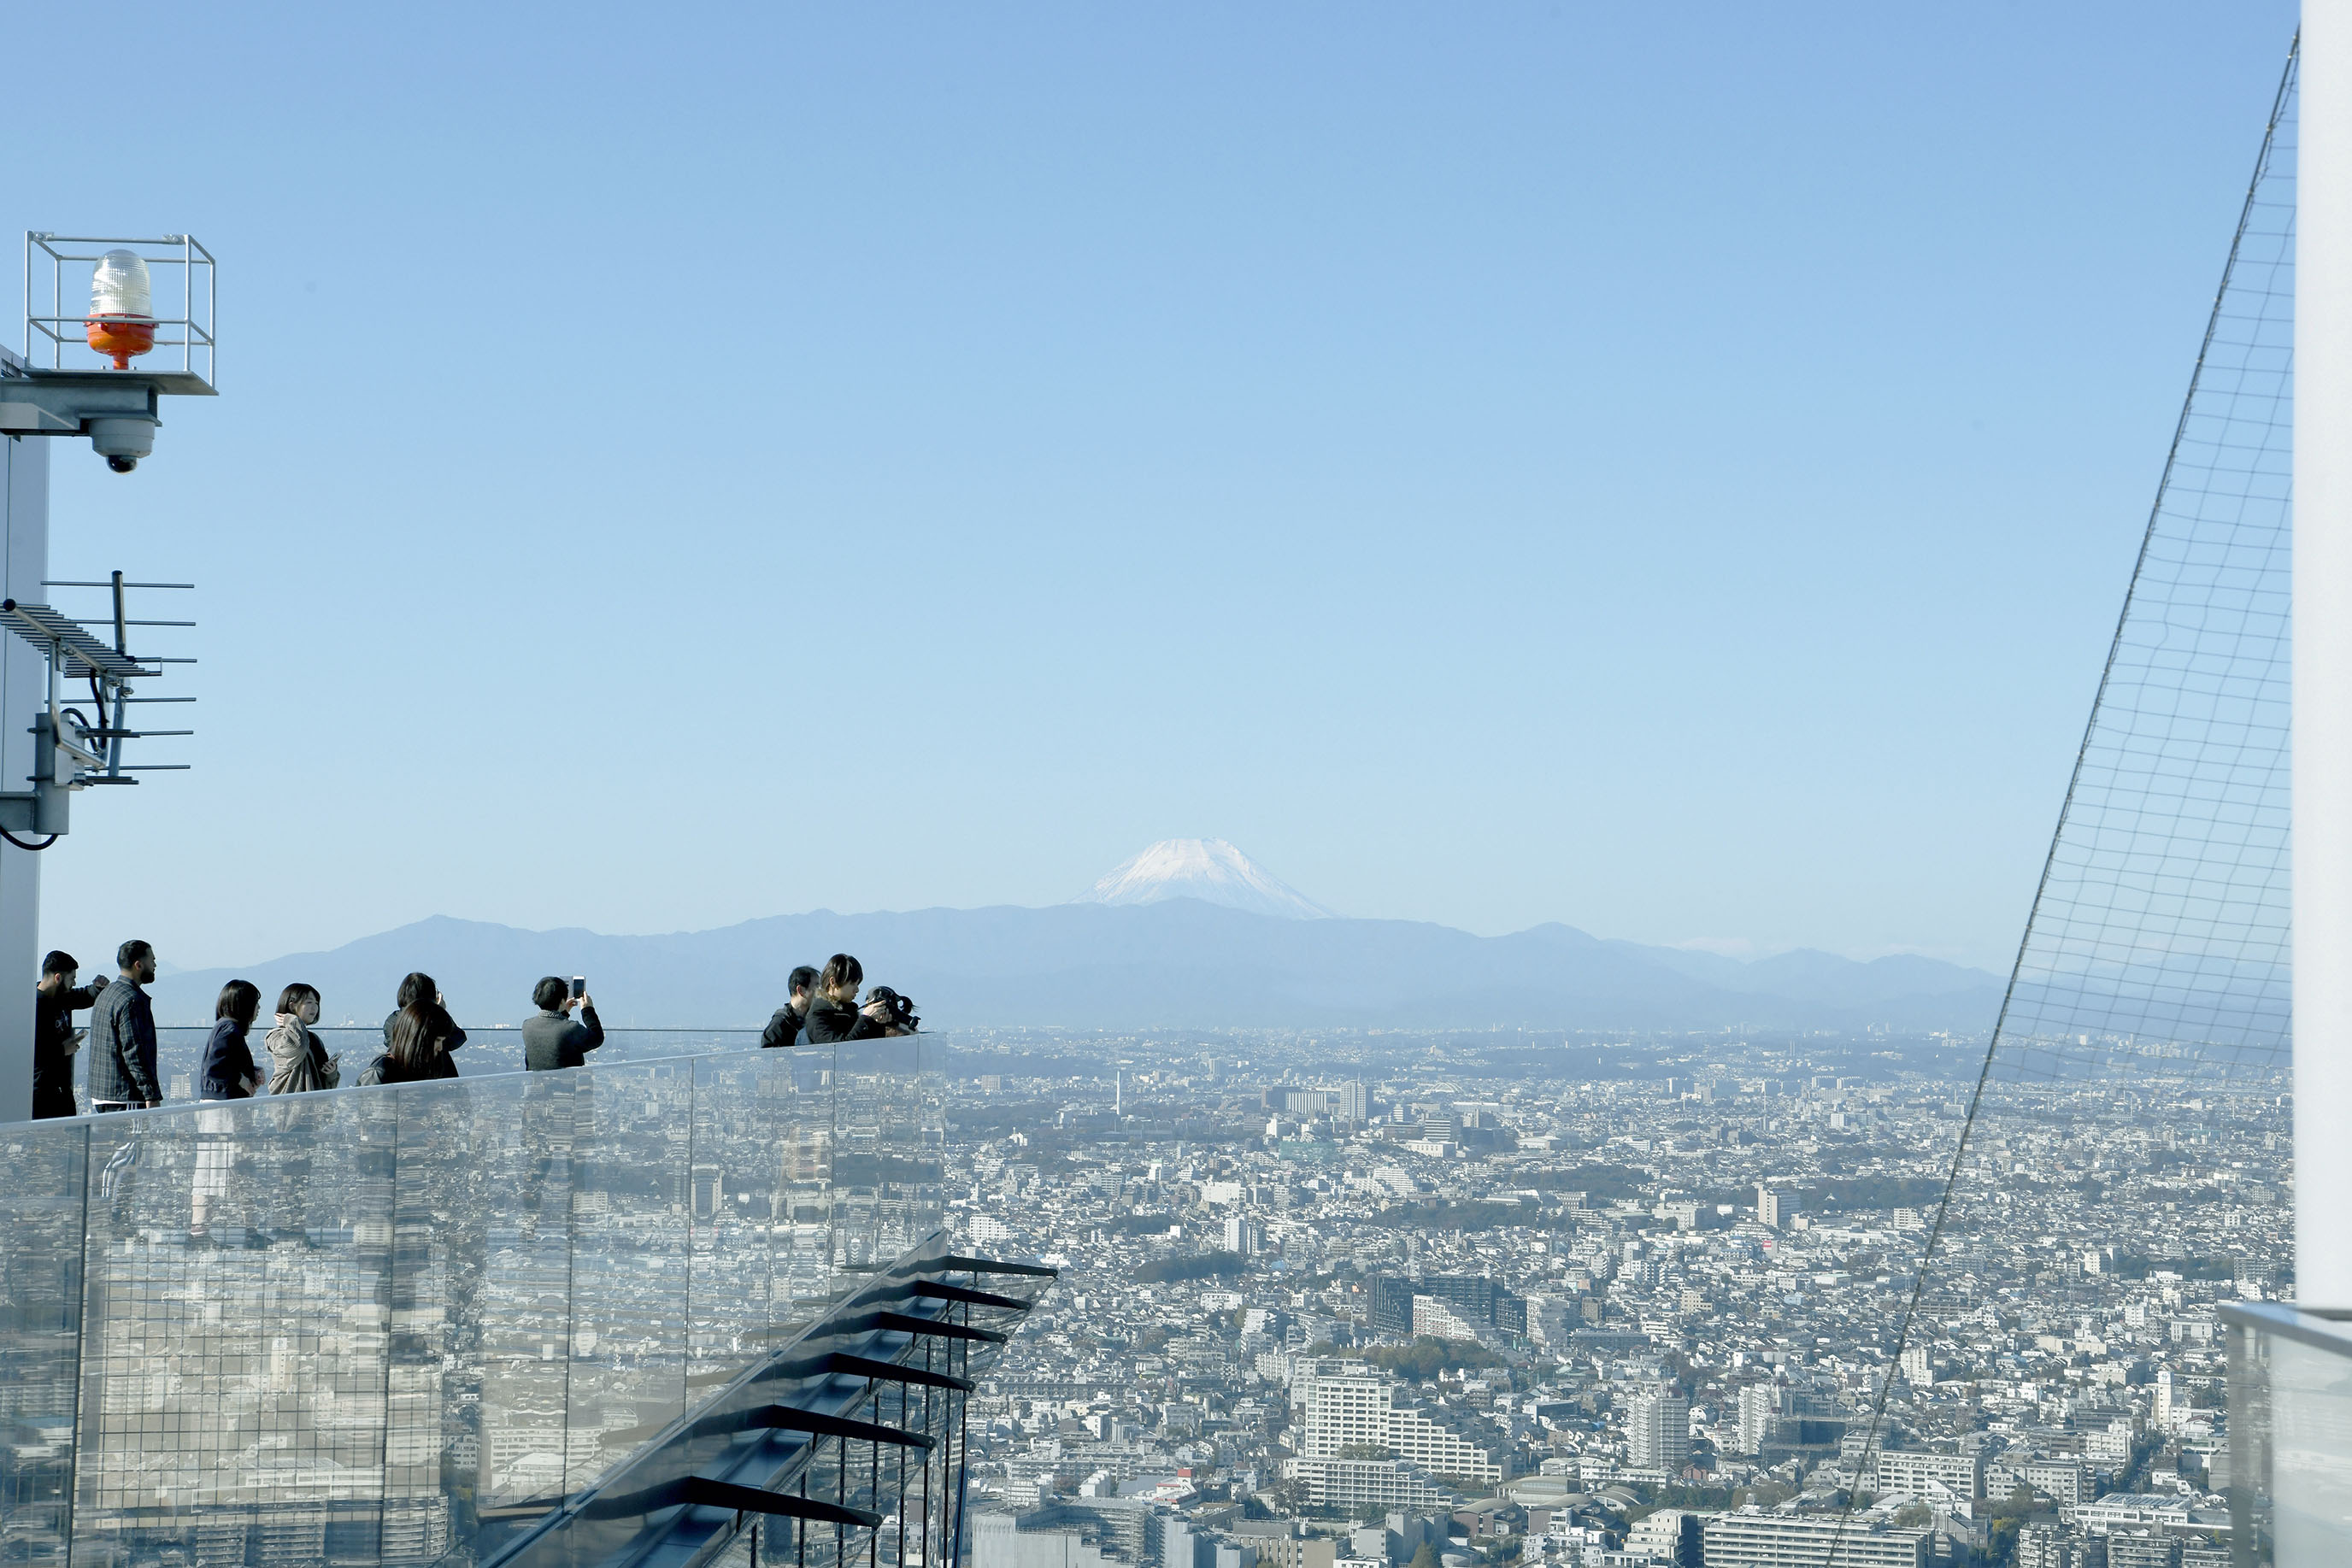 網站近期文章:在東京澀谷,與富士山道早安|SHIBUYA SCRAMBLE SQUARE